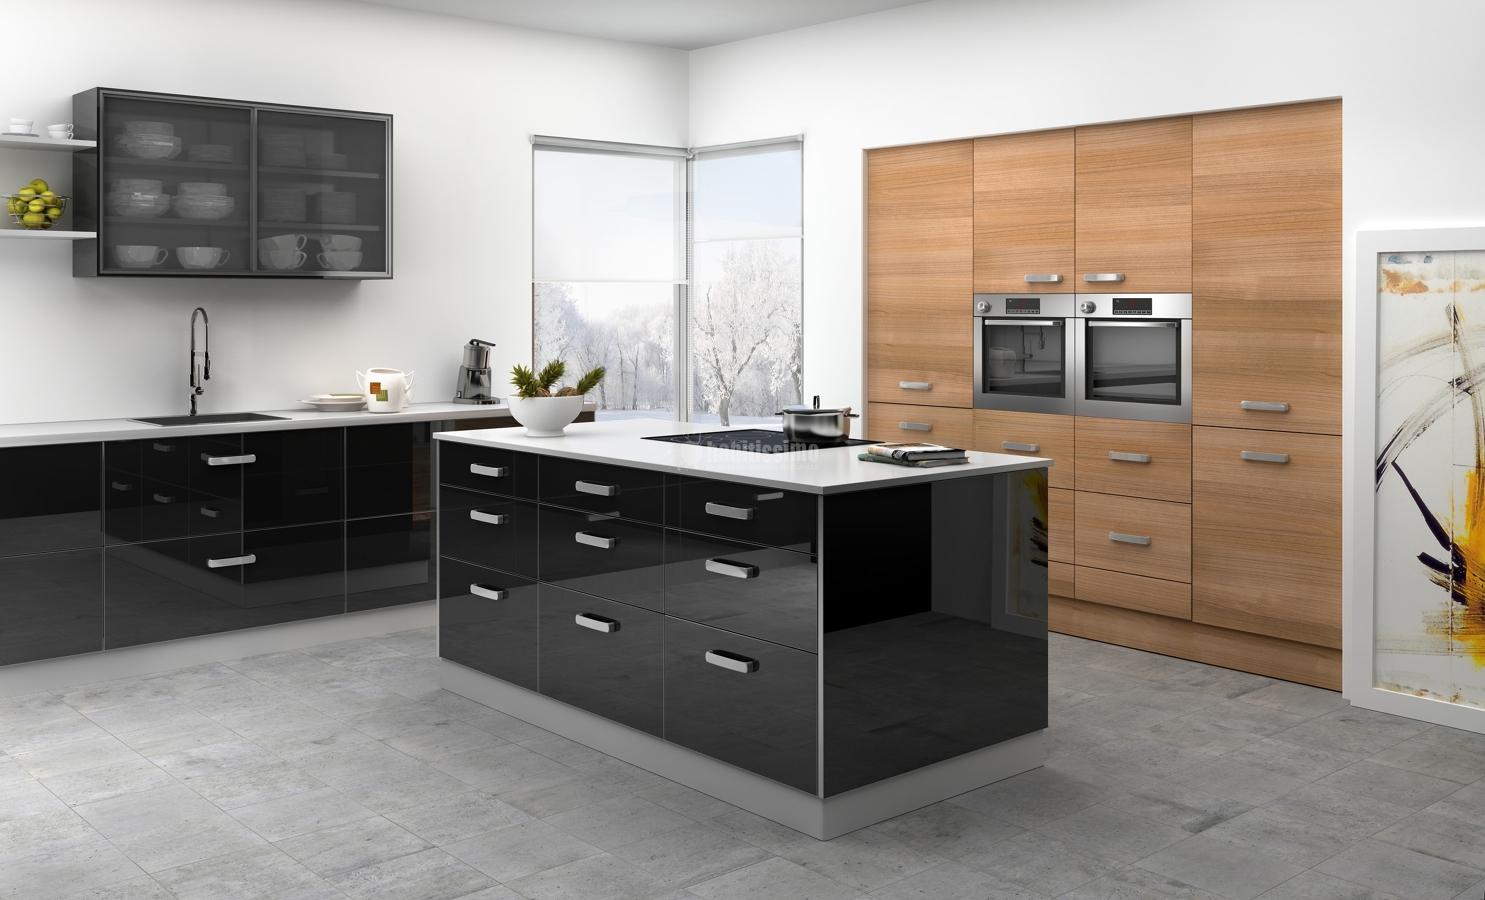 Foto muebles cocina de prodecor 96935 habitissimo for Muebles de cocina zamora